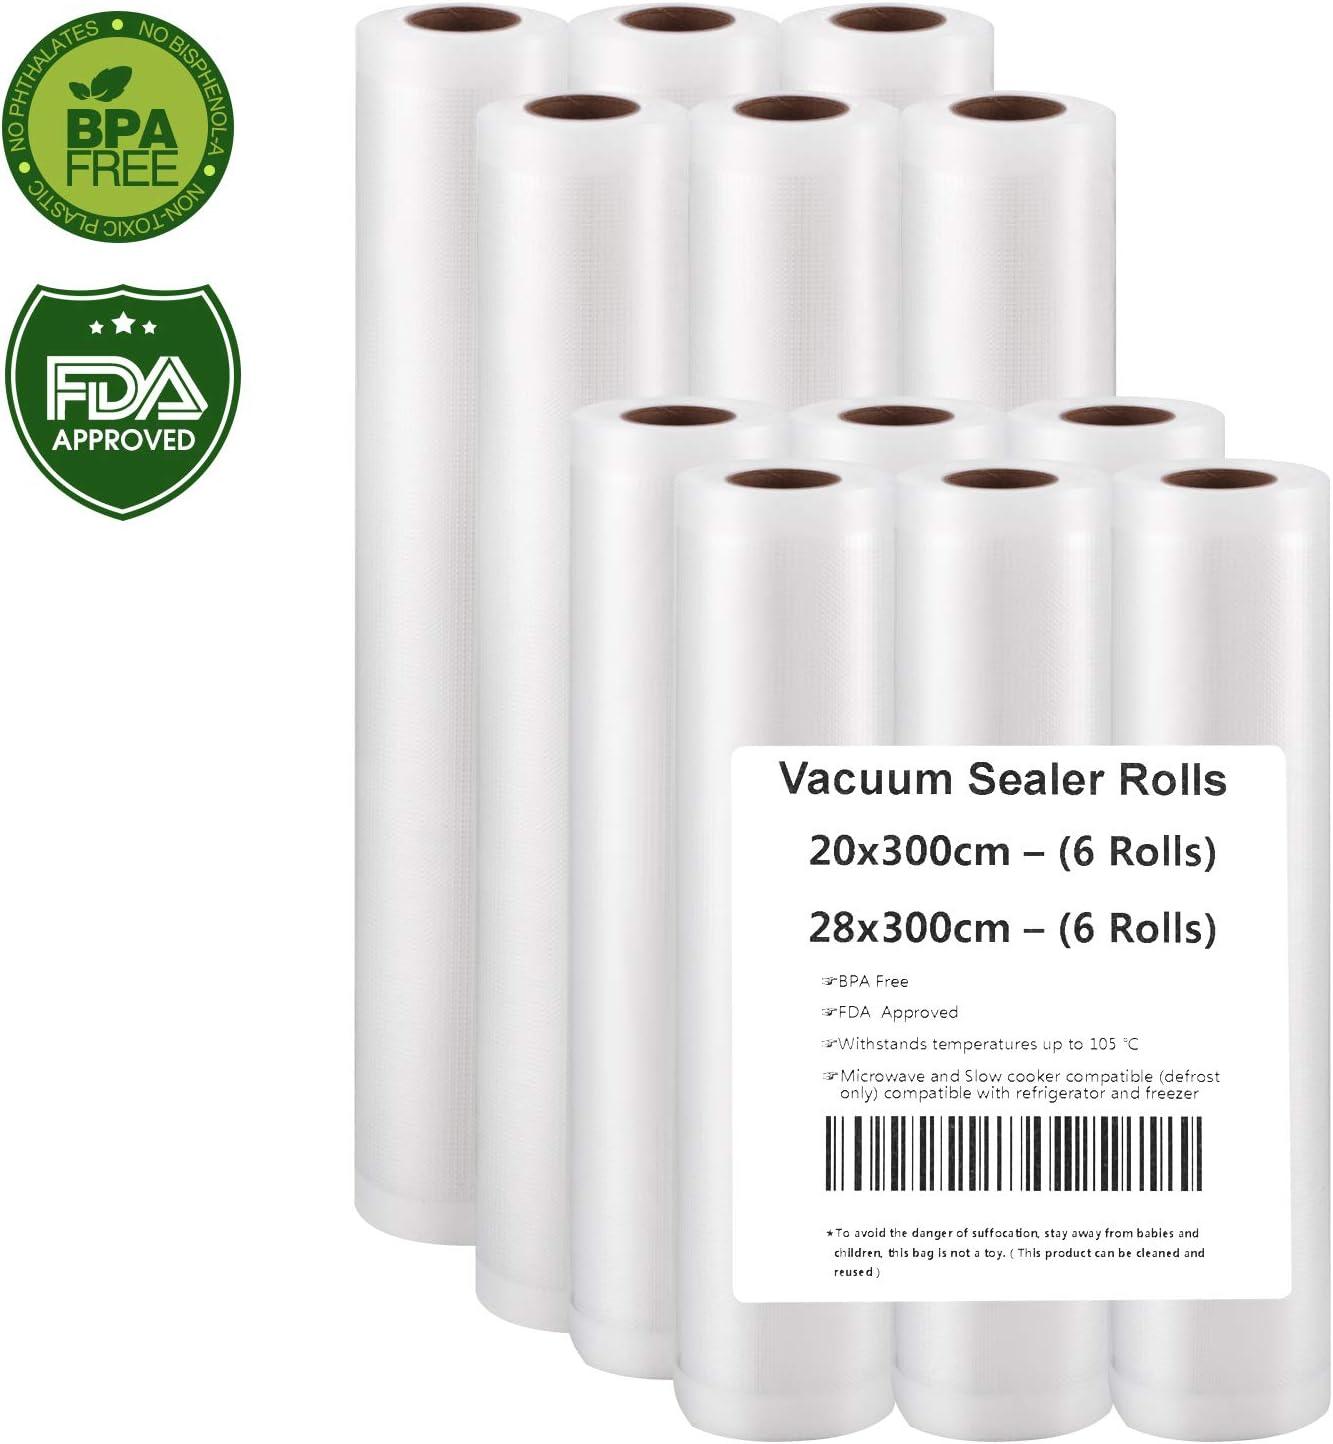 Rollo Envasado Vacío, 12 Rollos Bolsas de vacío 20x300 y 28x300cm de Grado Comercial para el Ahorrador de Alimentos y Sous Vide Cocina, Aprobación de la FDA y BPA Free